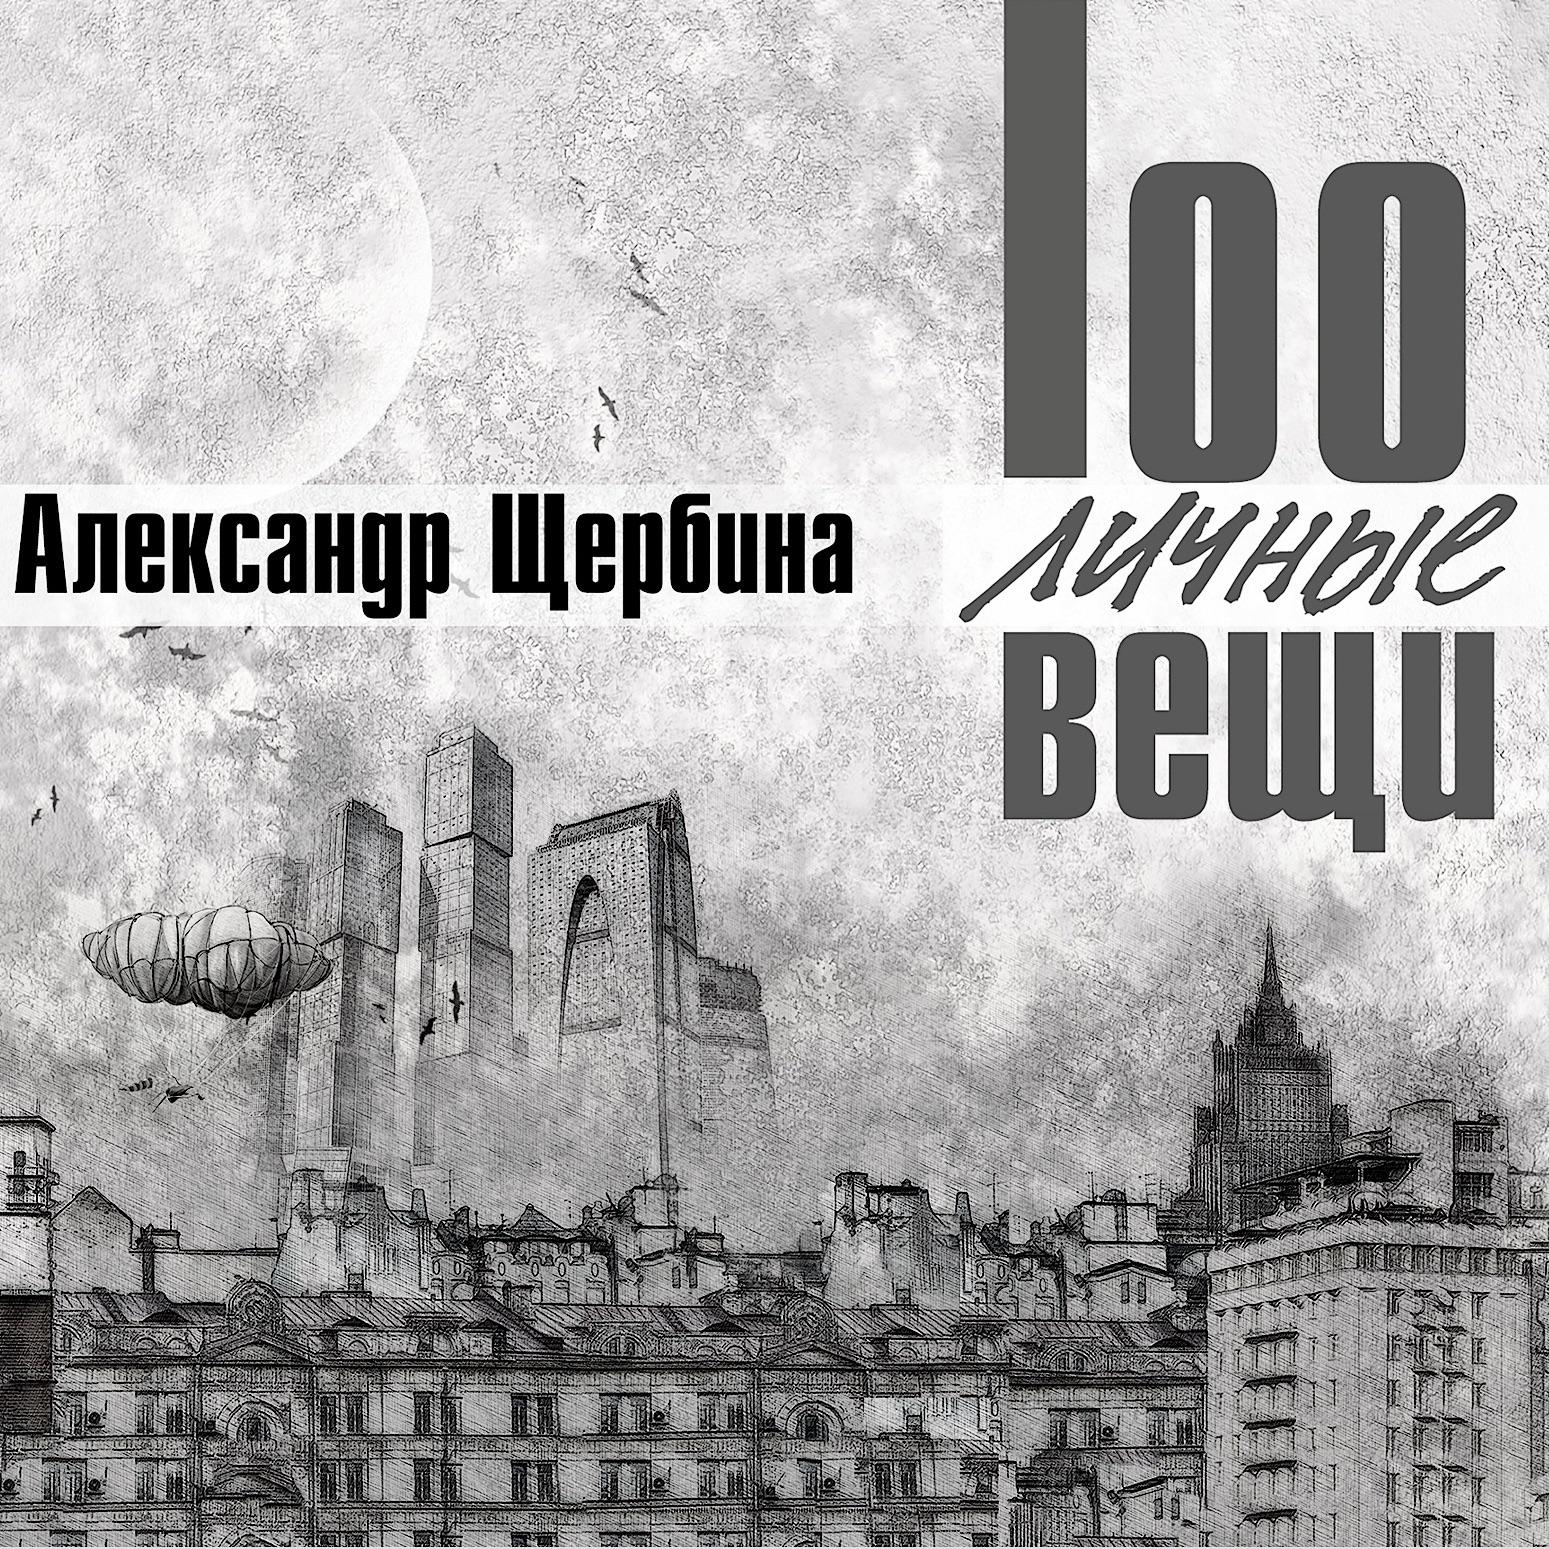 Александр Щербина album 100личные вещи